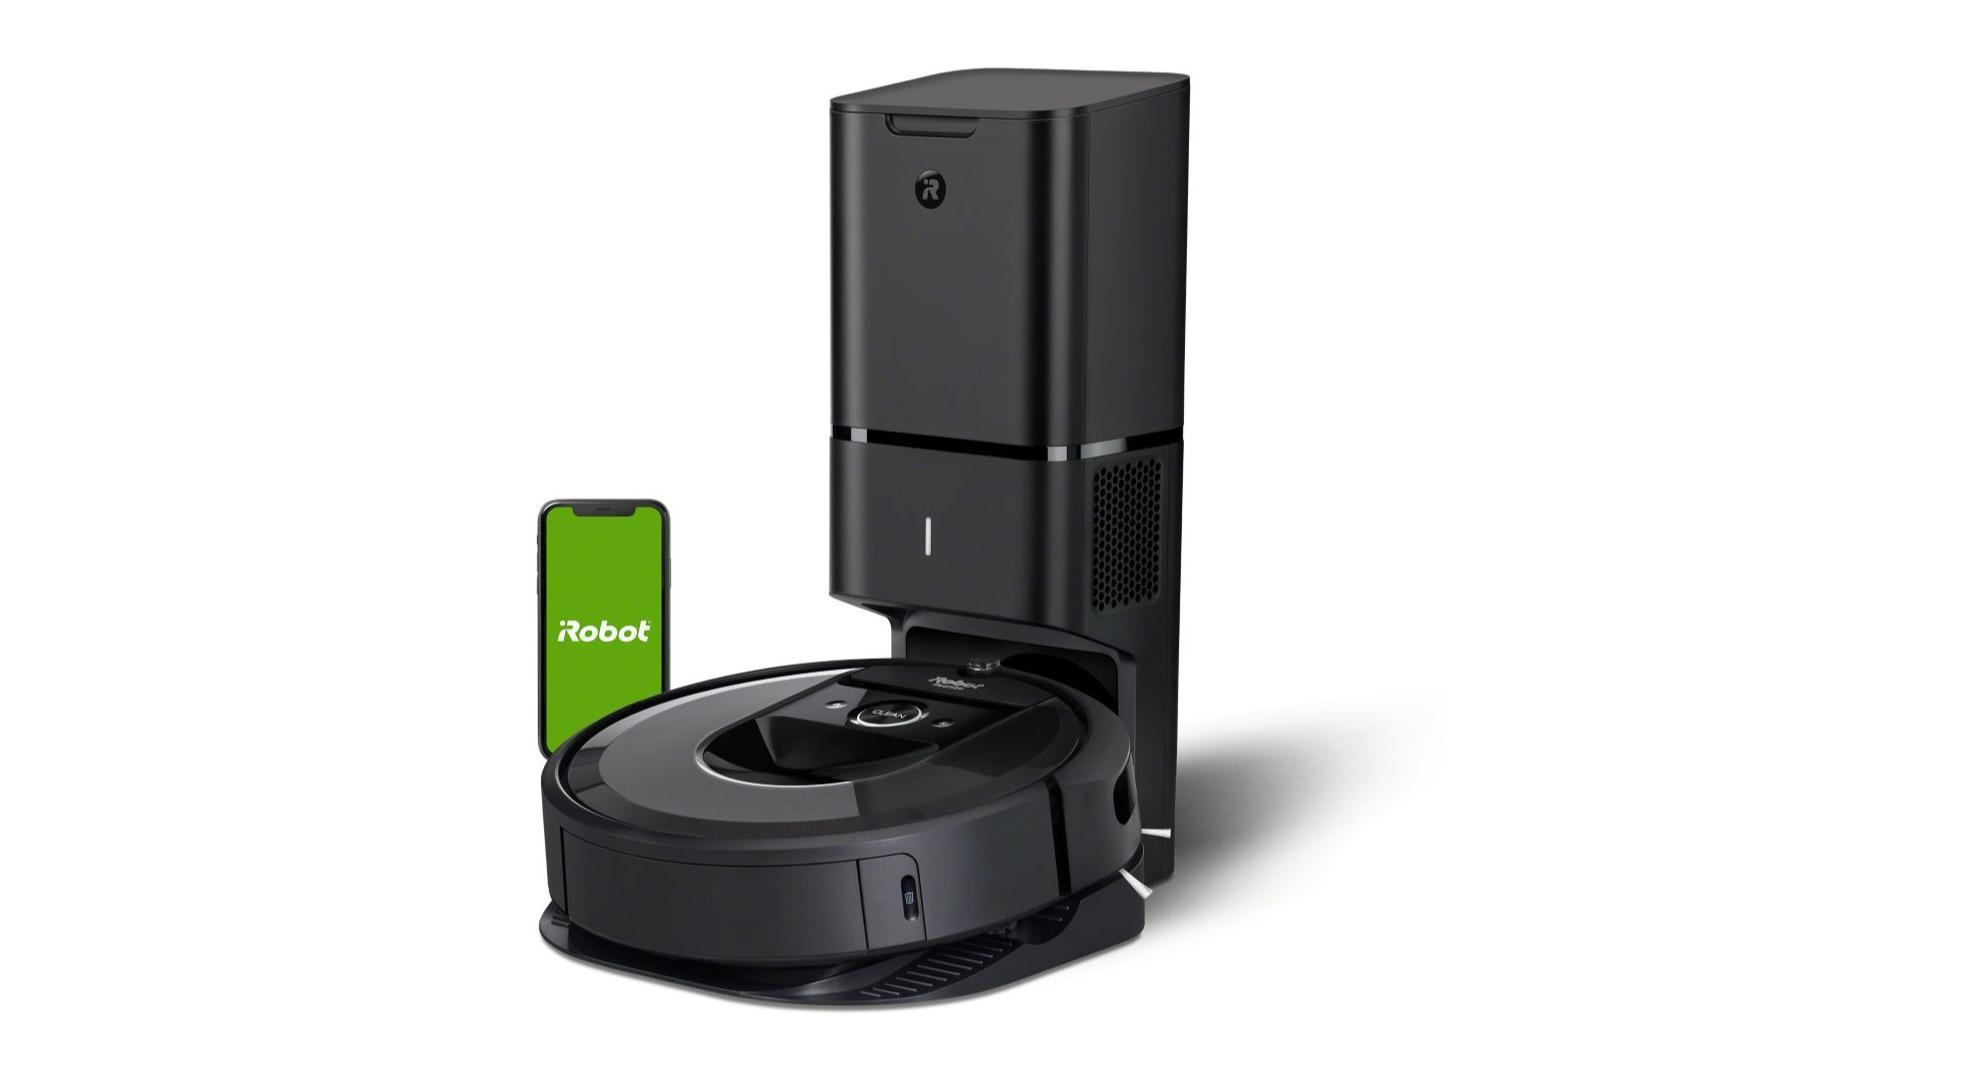 À moins de 700 euros, le robot aspirateur iRobot Roomba i7+ a rarement été aussi peu cher